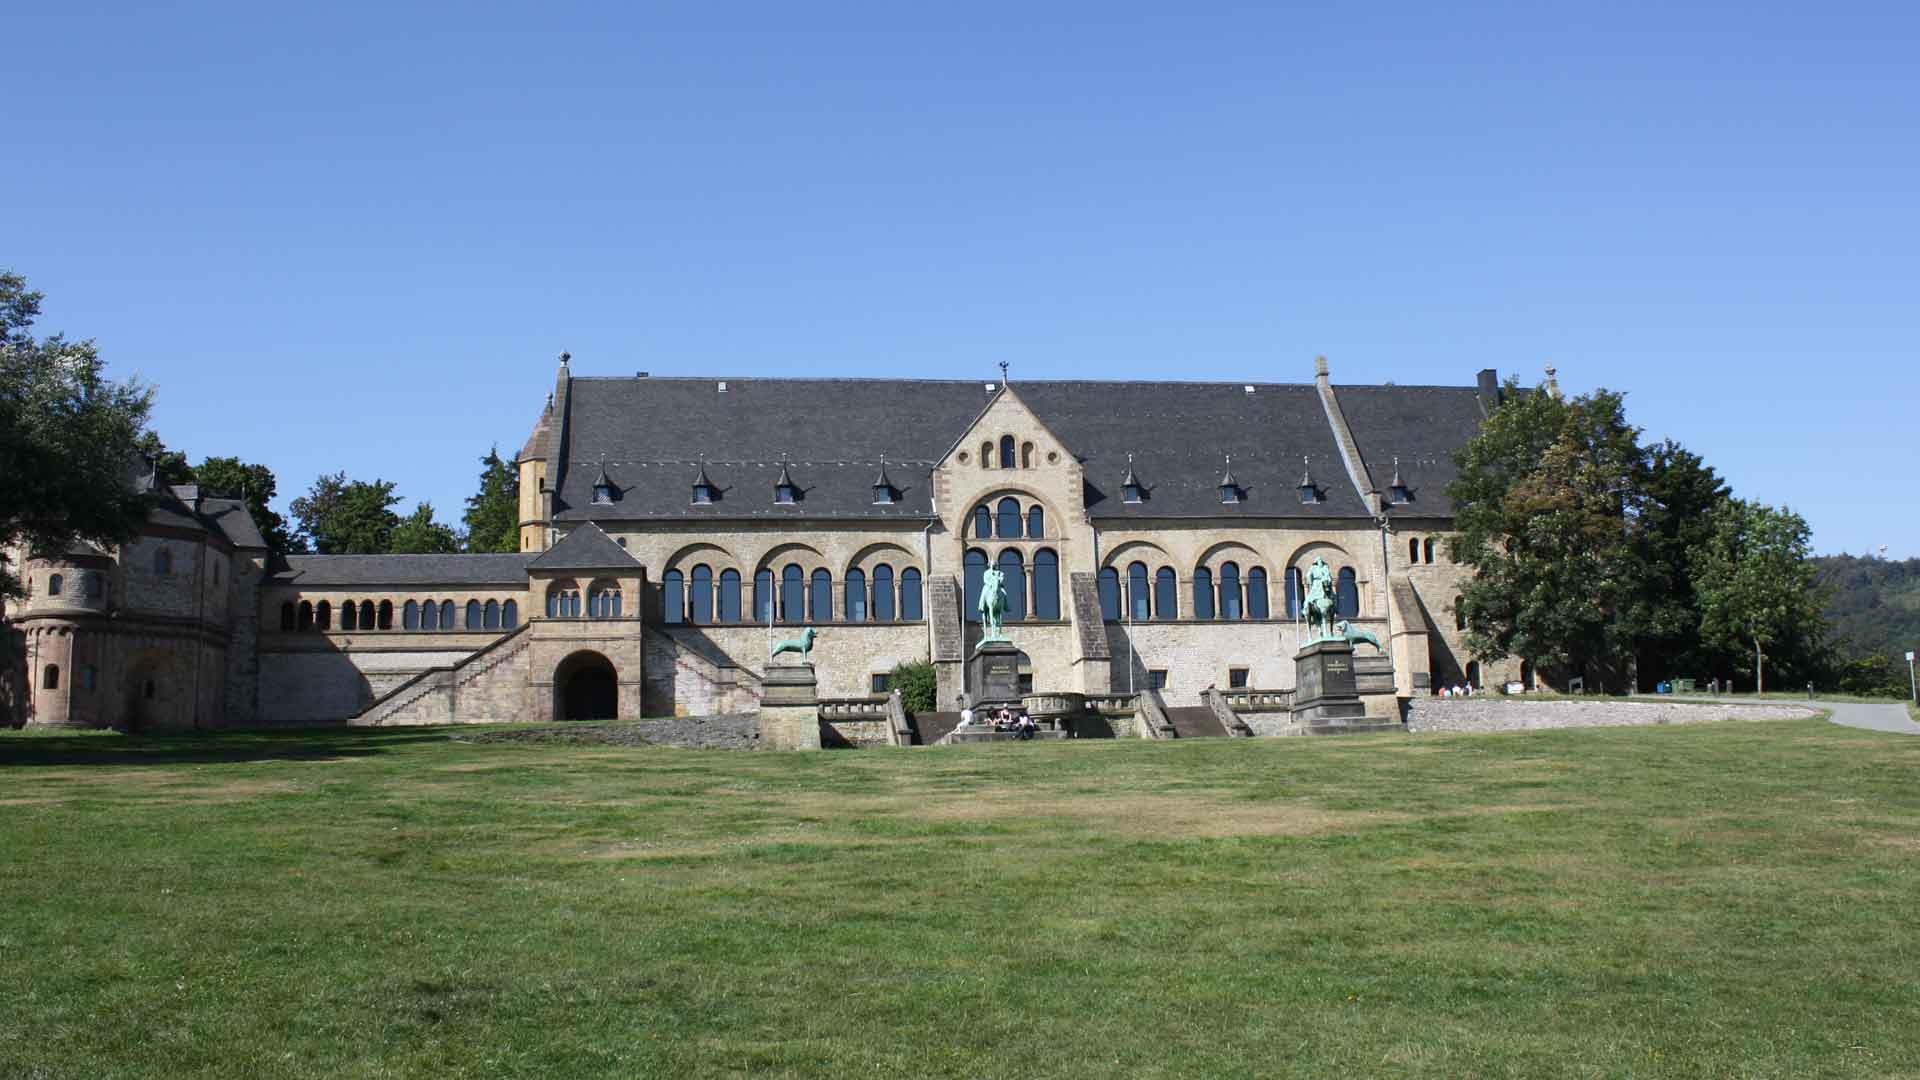 De Kaiserpfalz in Goslar was in de middeleeuwen een ontmoetingsplek voor de heersers in die tijd.